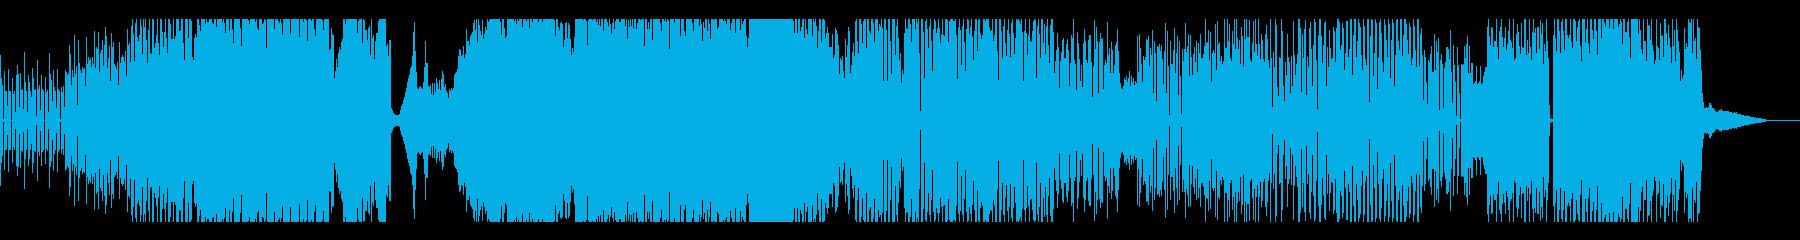 プログレッシブハウス。テンポの変更...の再生済みの波形